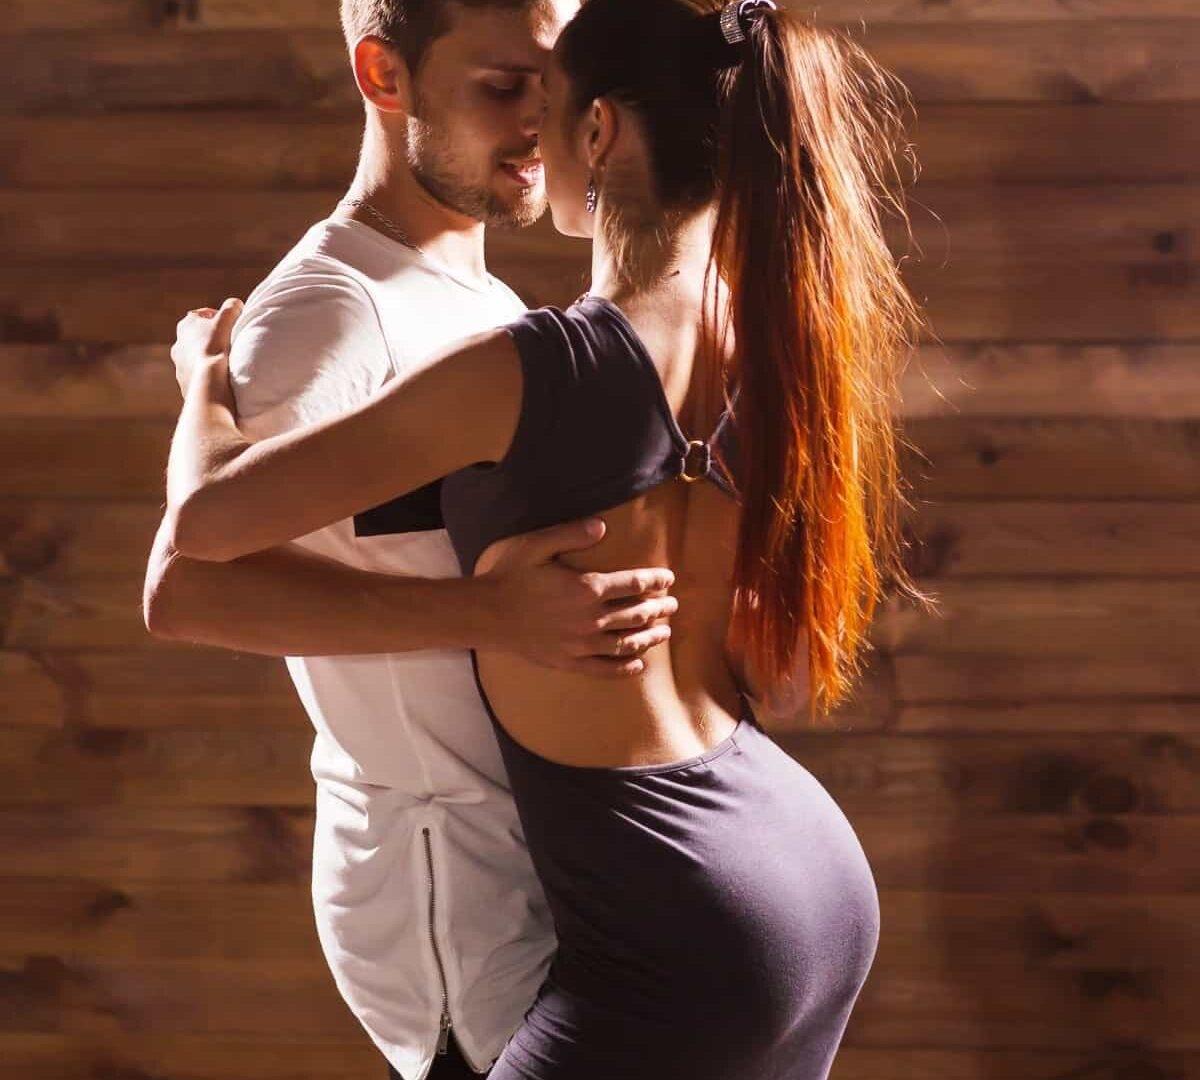 Женский день в M.Dance Долгопрудный 14 марта в 18:30